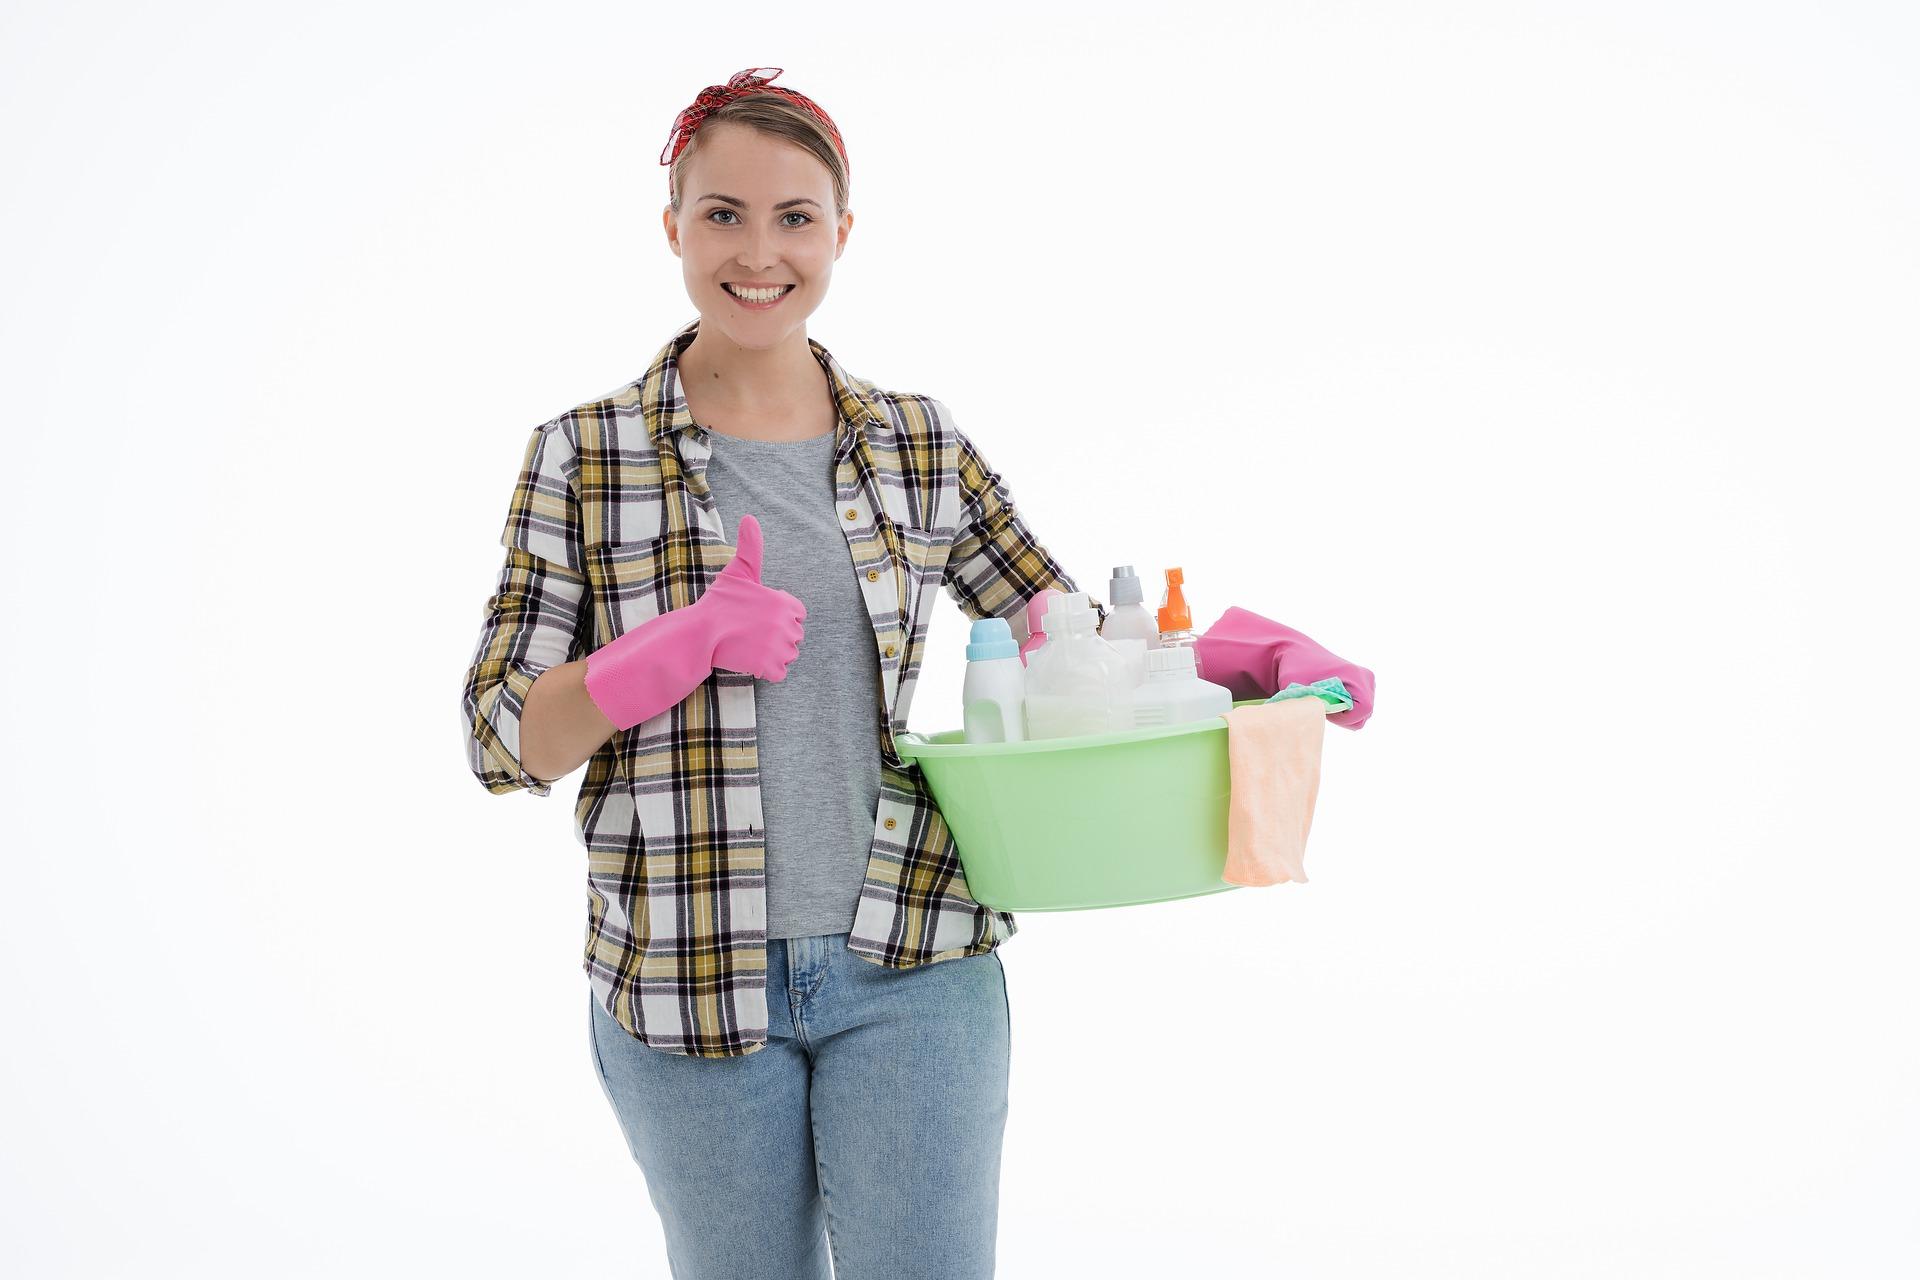 Faire des produits ménagers éco-responsables demande du temps